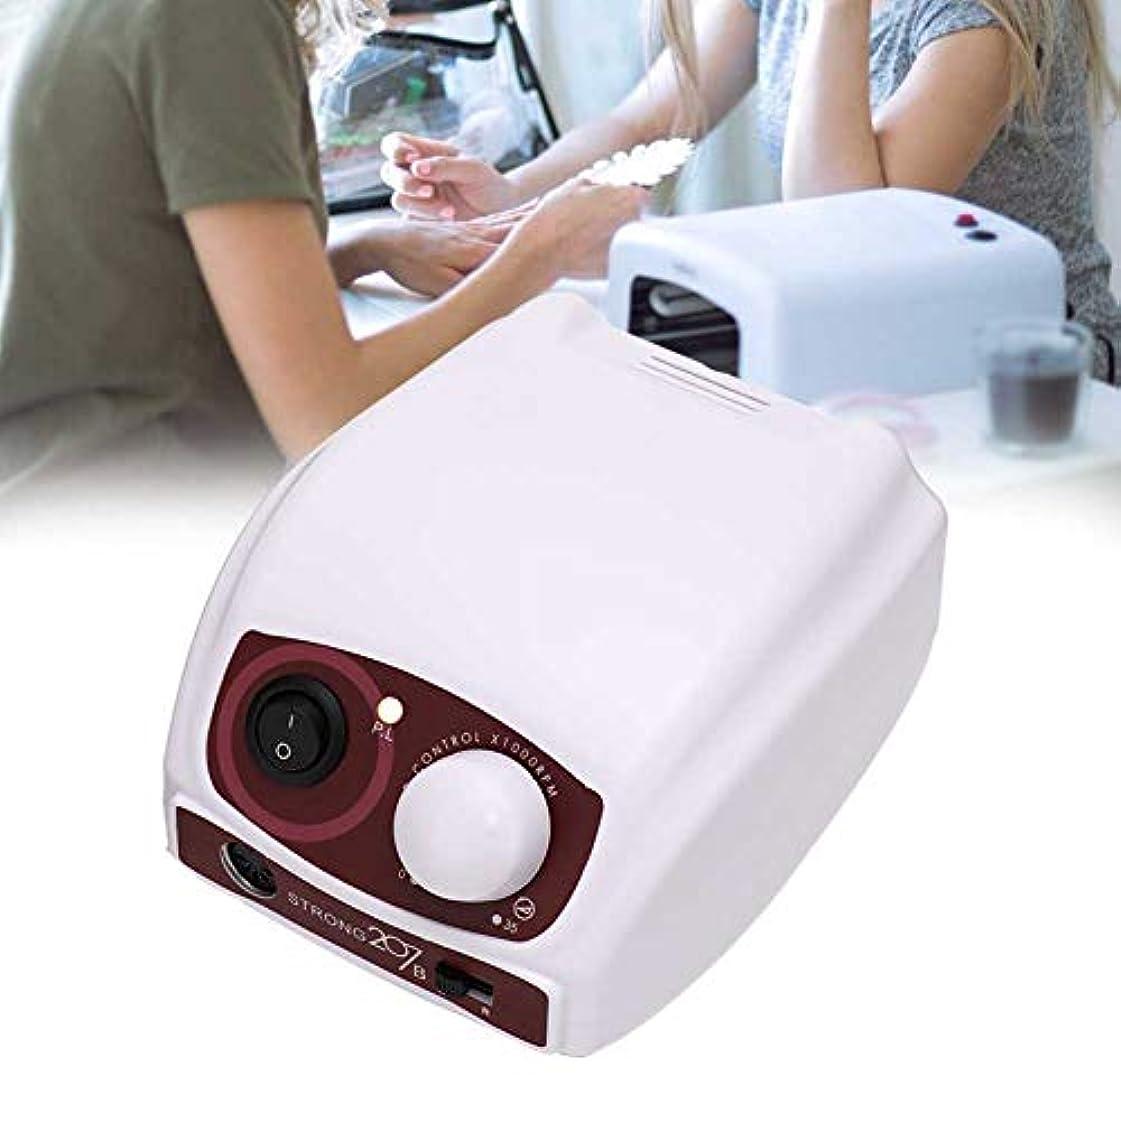 かかわらず致命的肌寒い電気ネイルファイルドリルマシンペディキュアマニキュアハンドピースポーランドネイルアートツール(米国、110V)